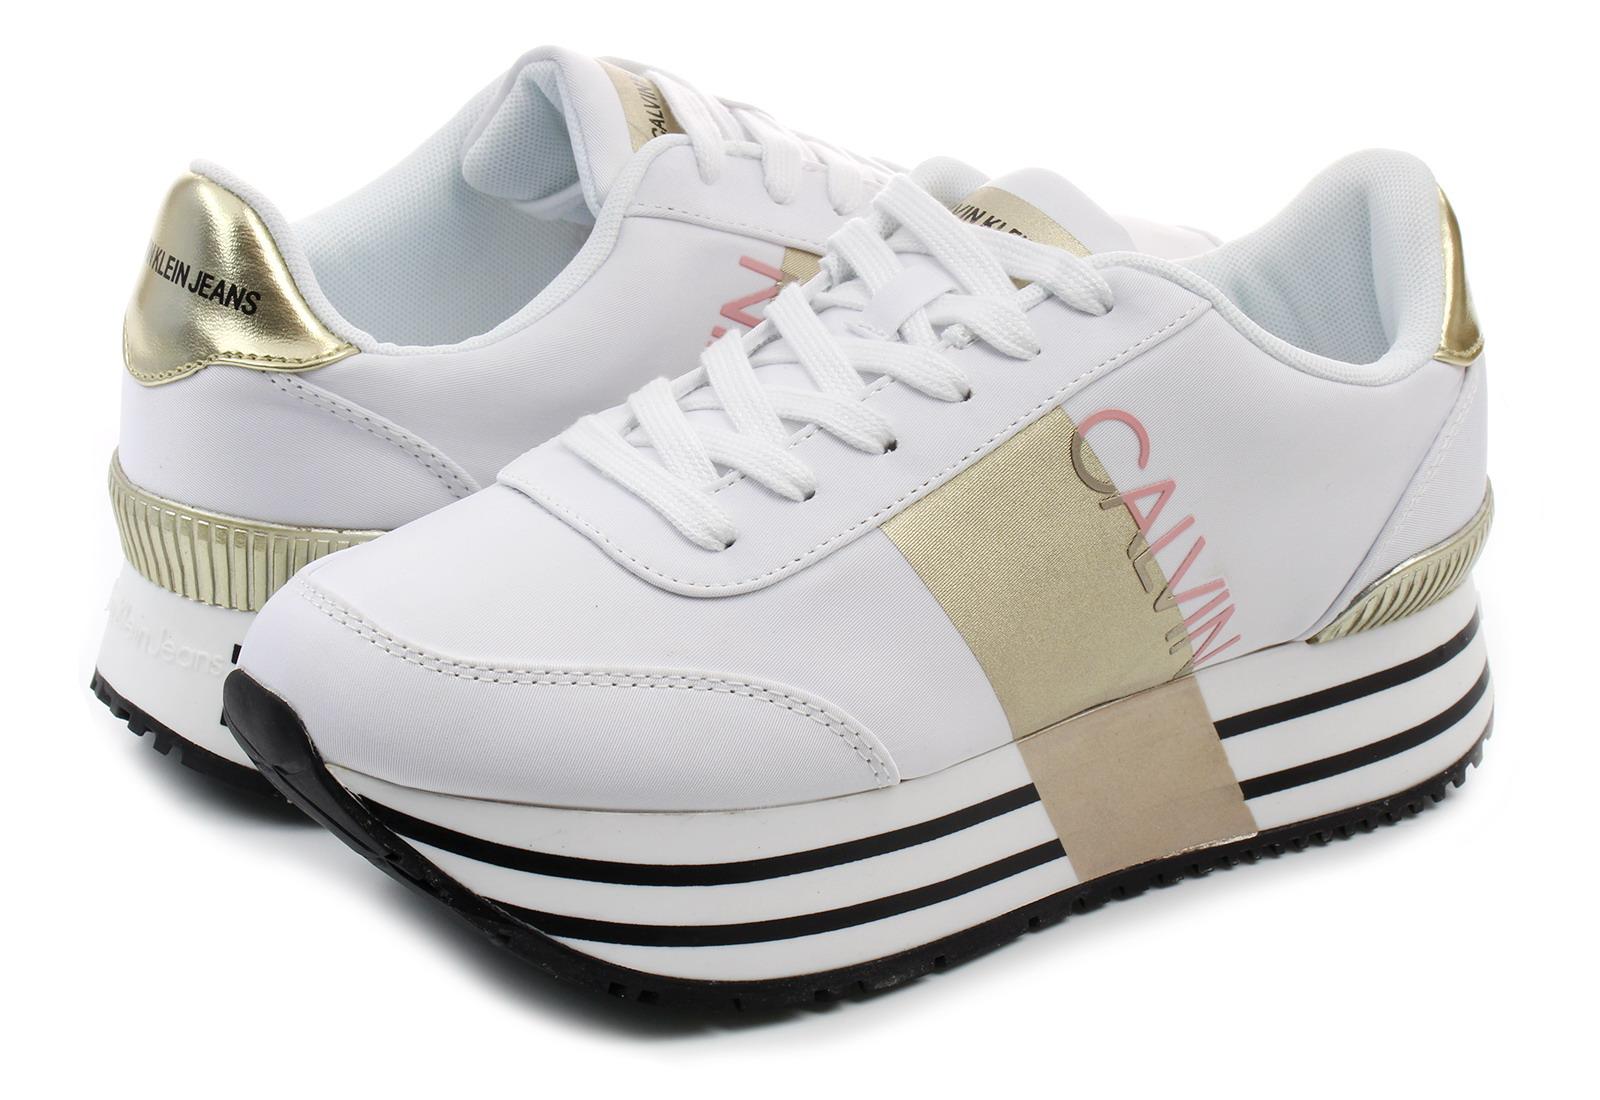 92547e6811 Calvin Klein Jeans Shoes - Coretta - RE9807-WHT - Online shop for ...